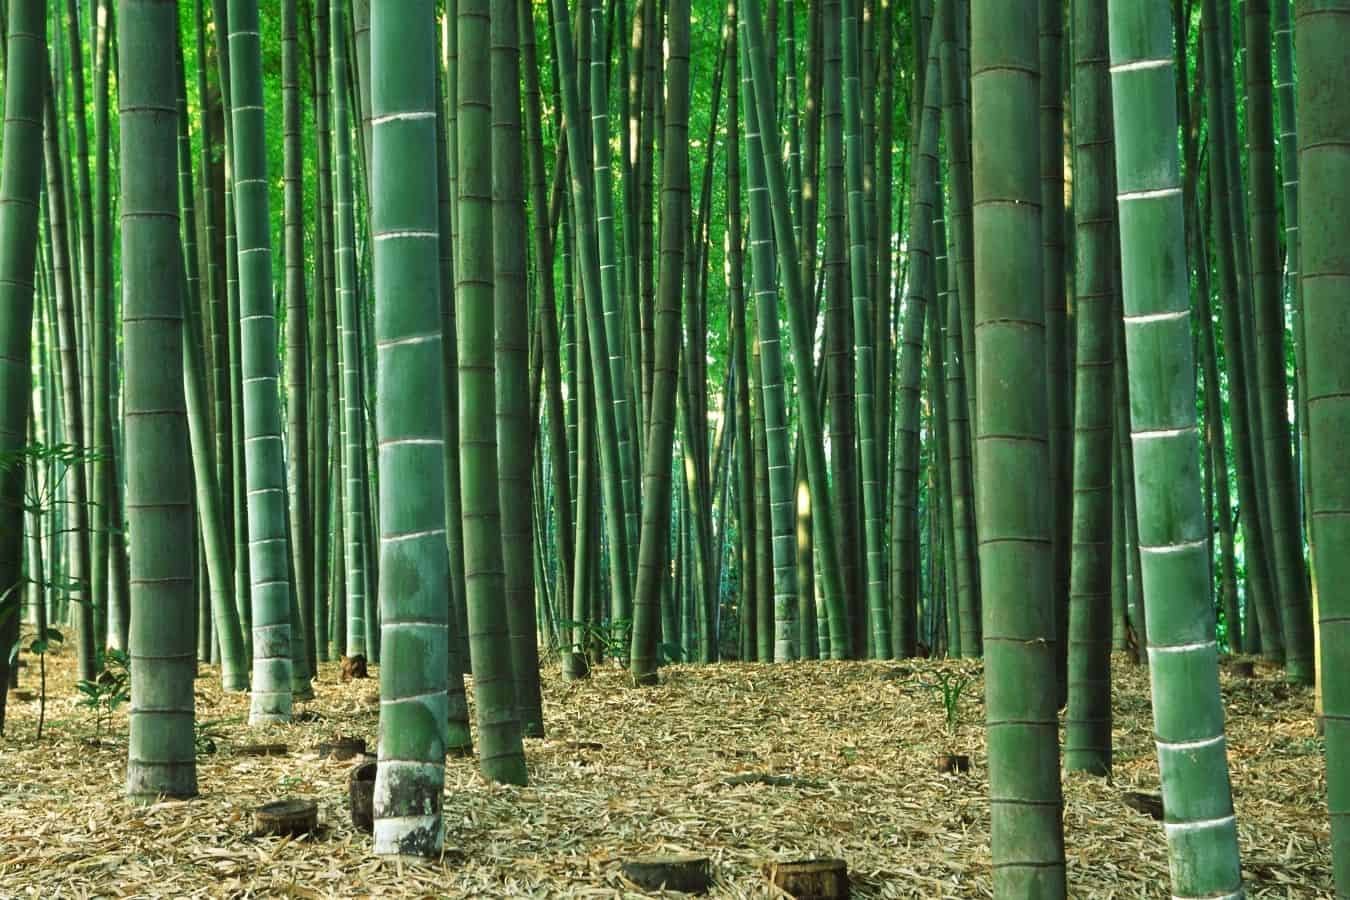 bamboo tea hair growth